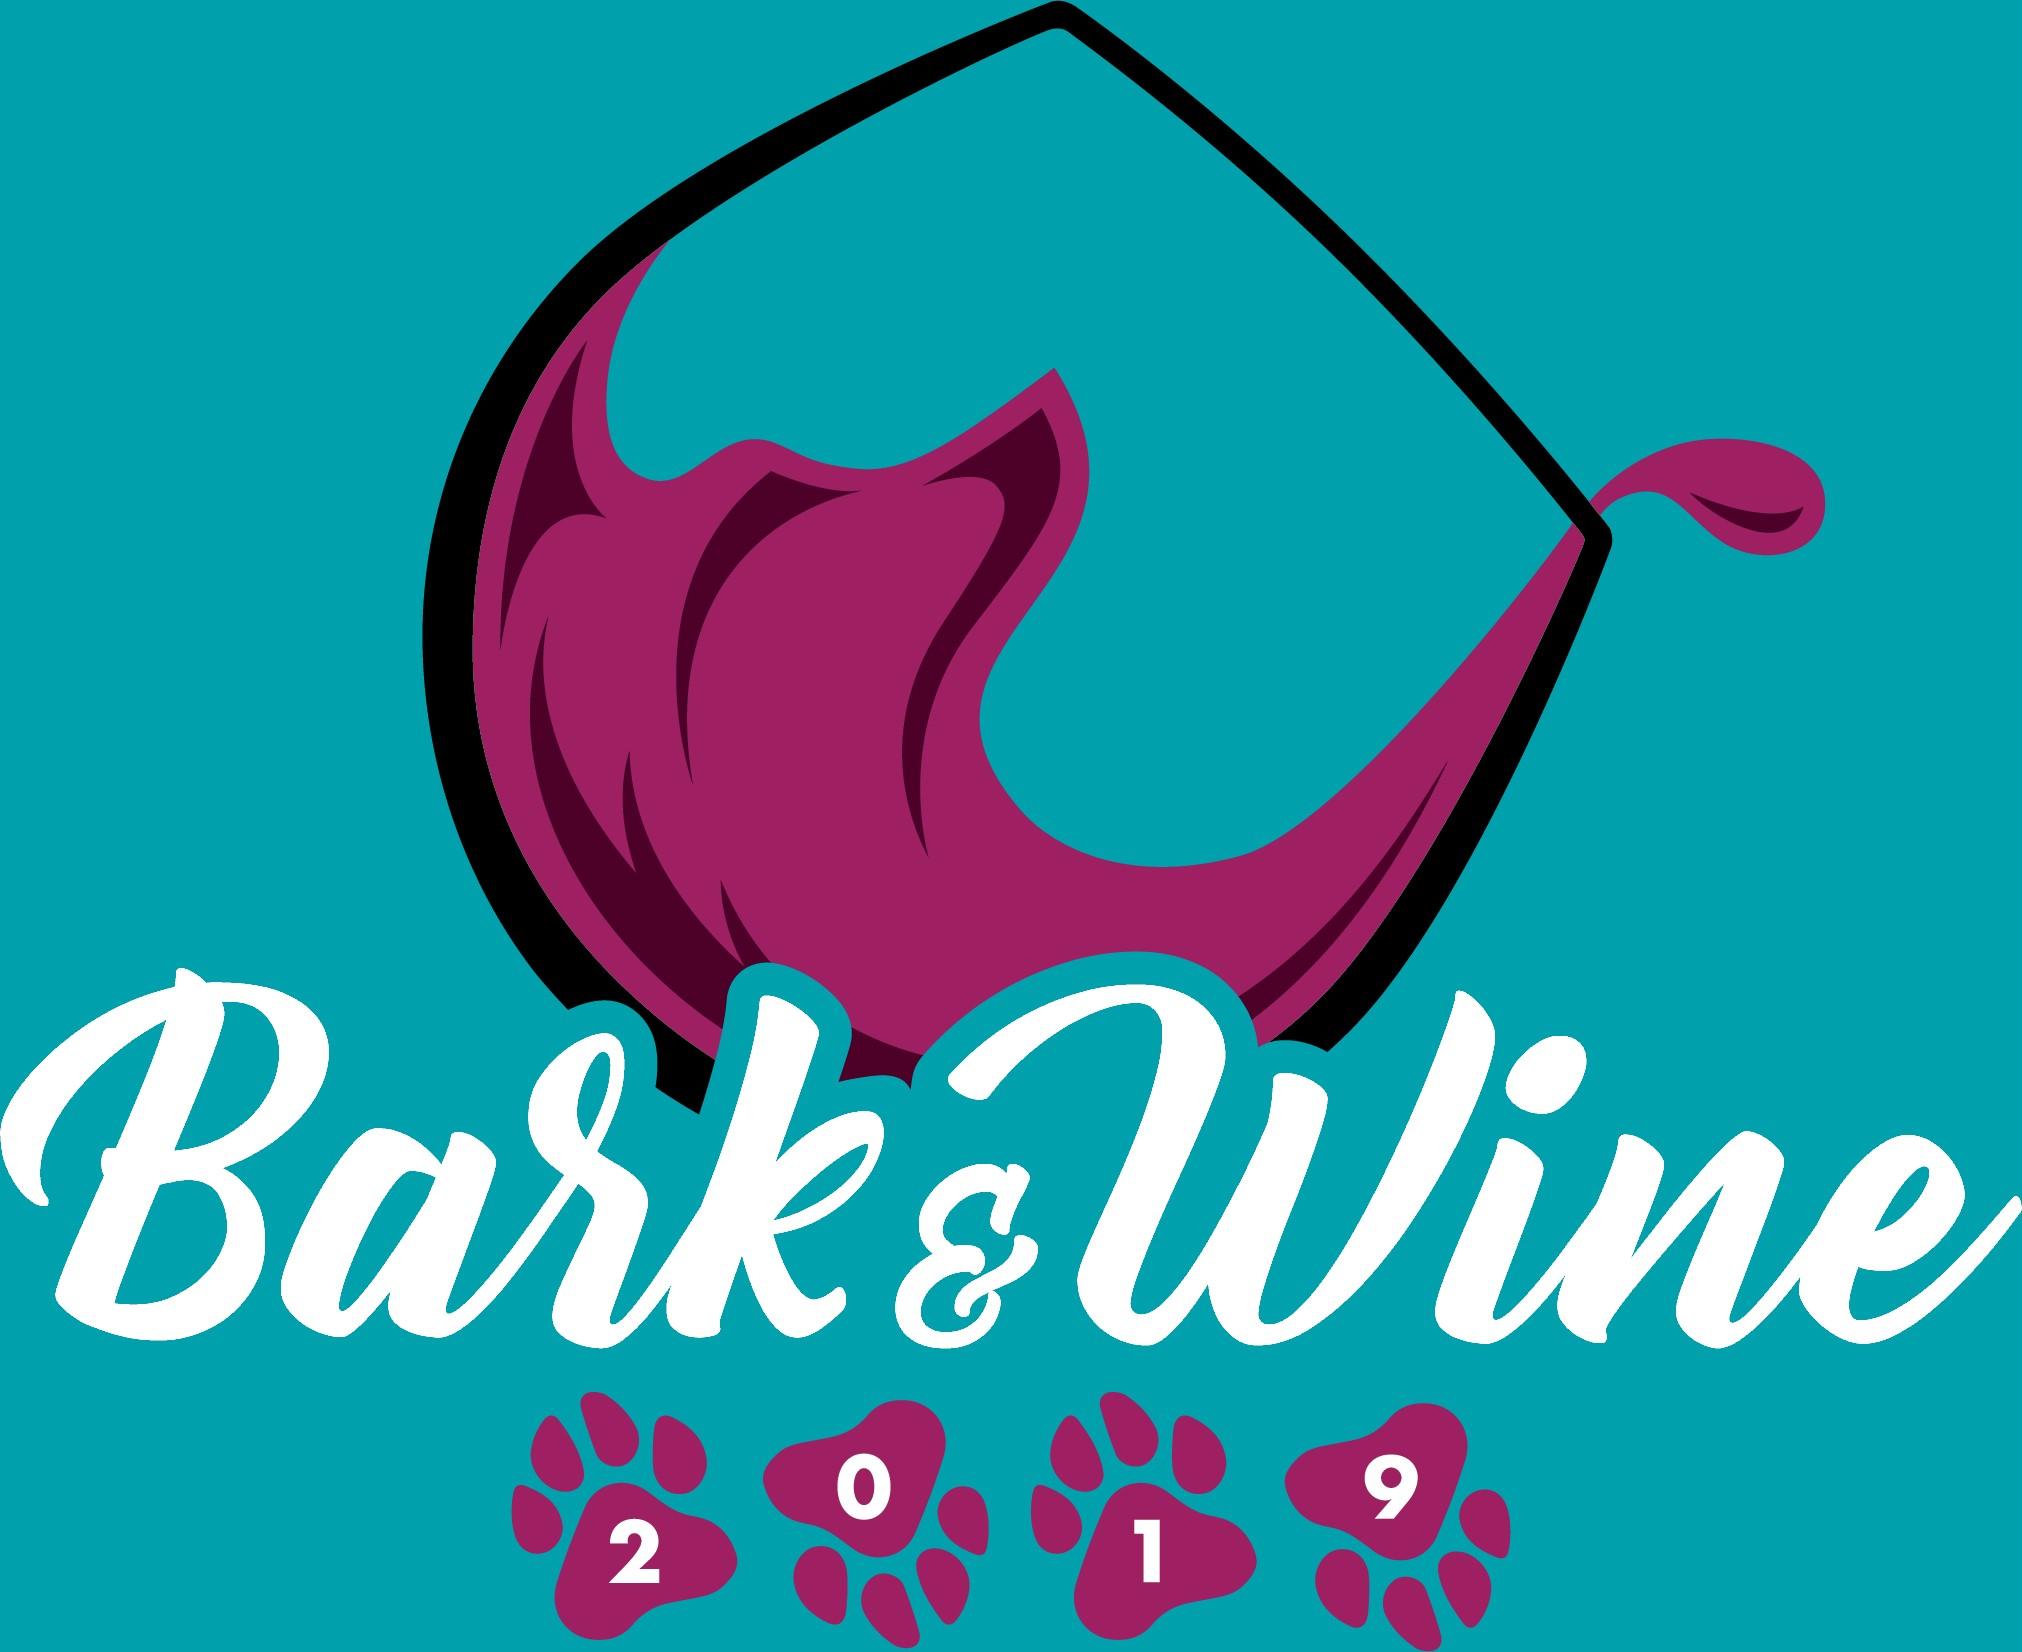 MOAS - Bark&Wine - 2019(blackglasswhitefont).jpg